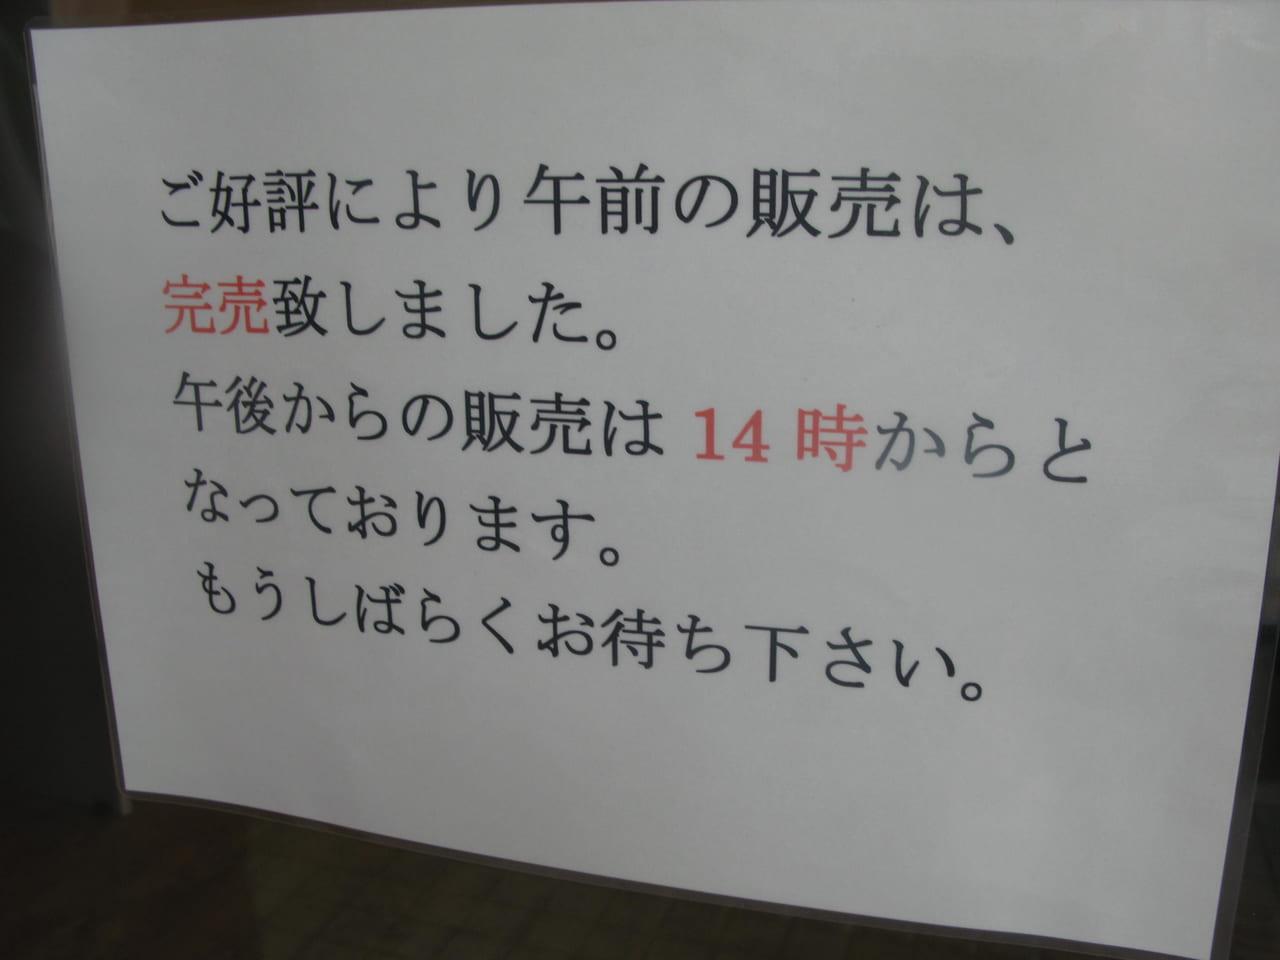 高級食パン専門店「瀬都」西条店、販売時間のお知らせ